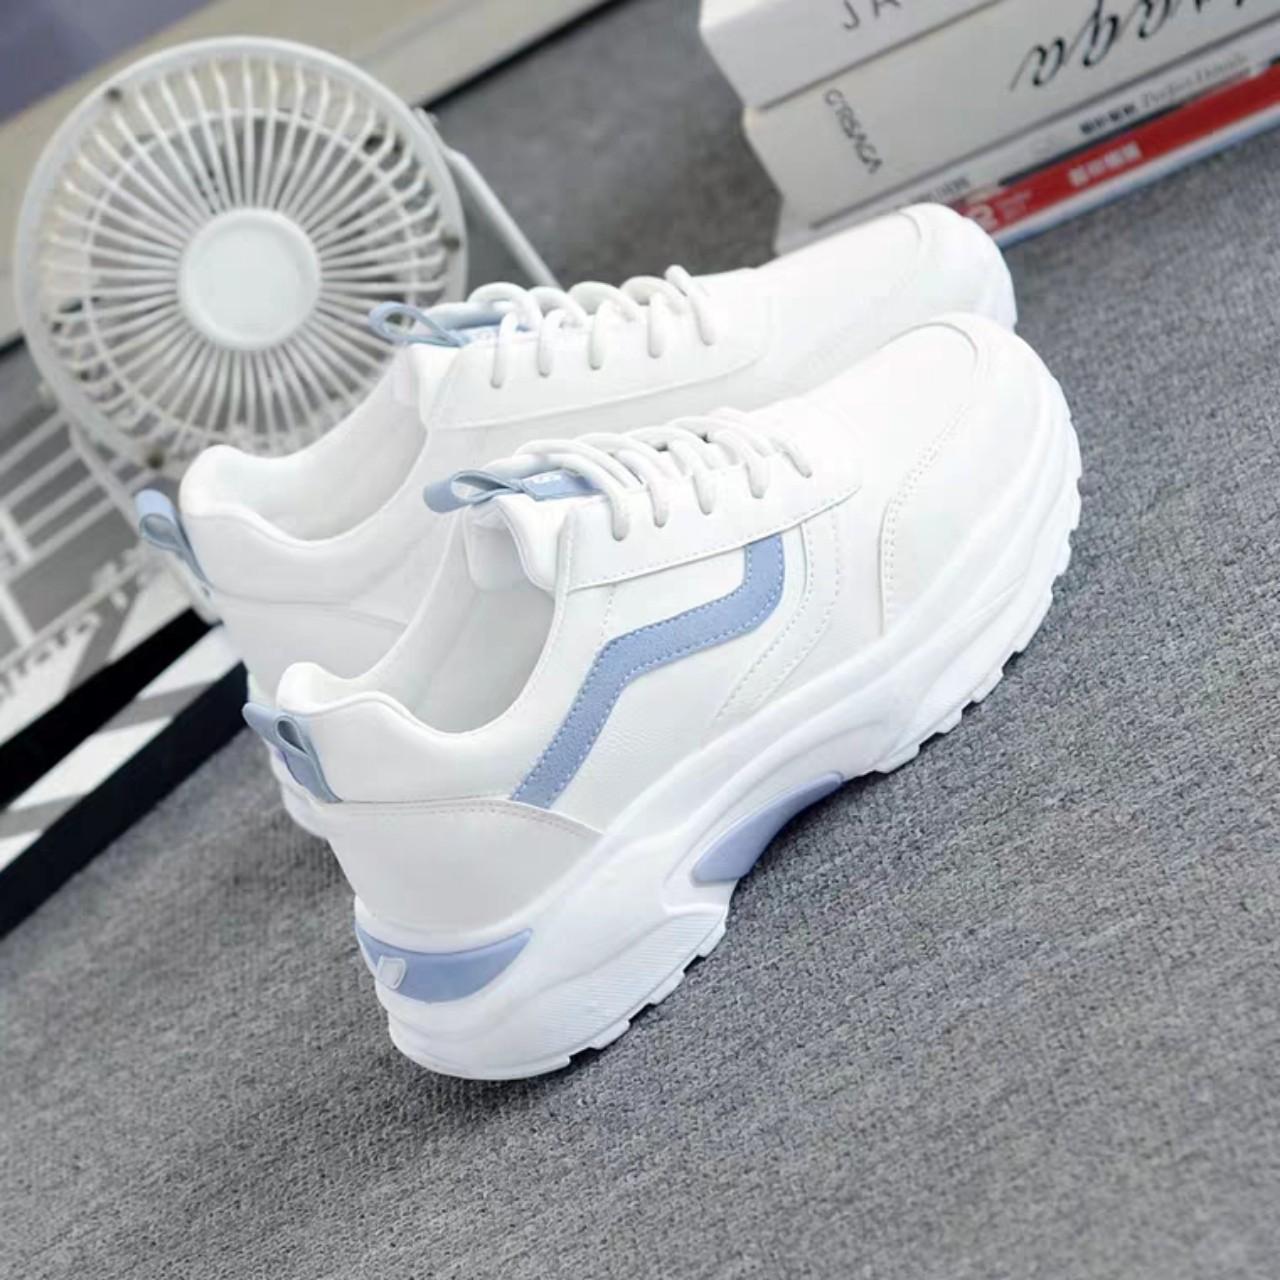 Giày thể thao nữ 3 màu (kiểu 2) vang Nhật Bản